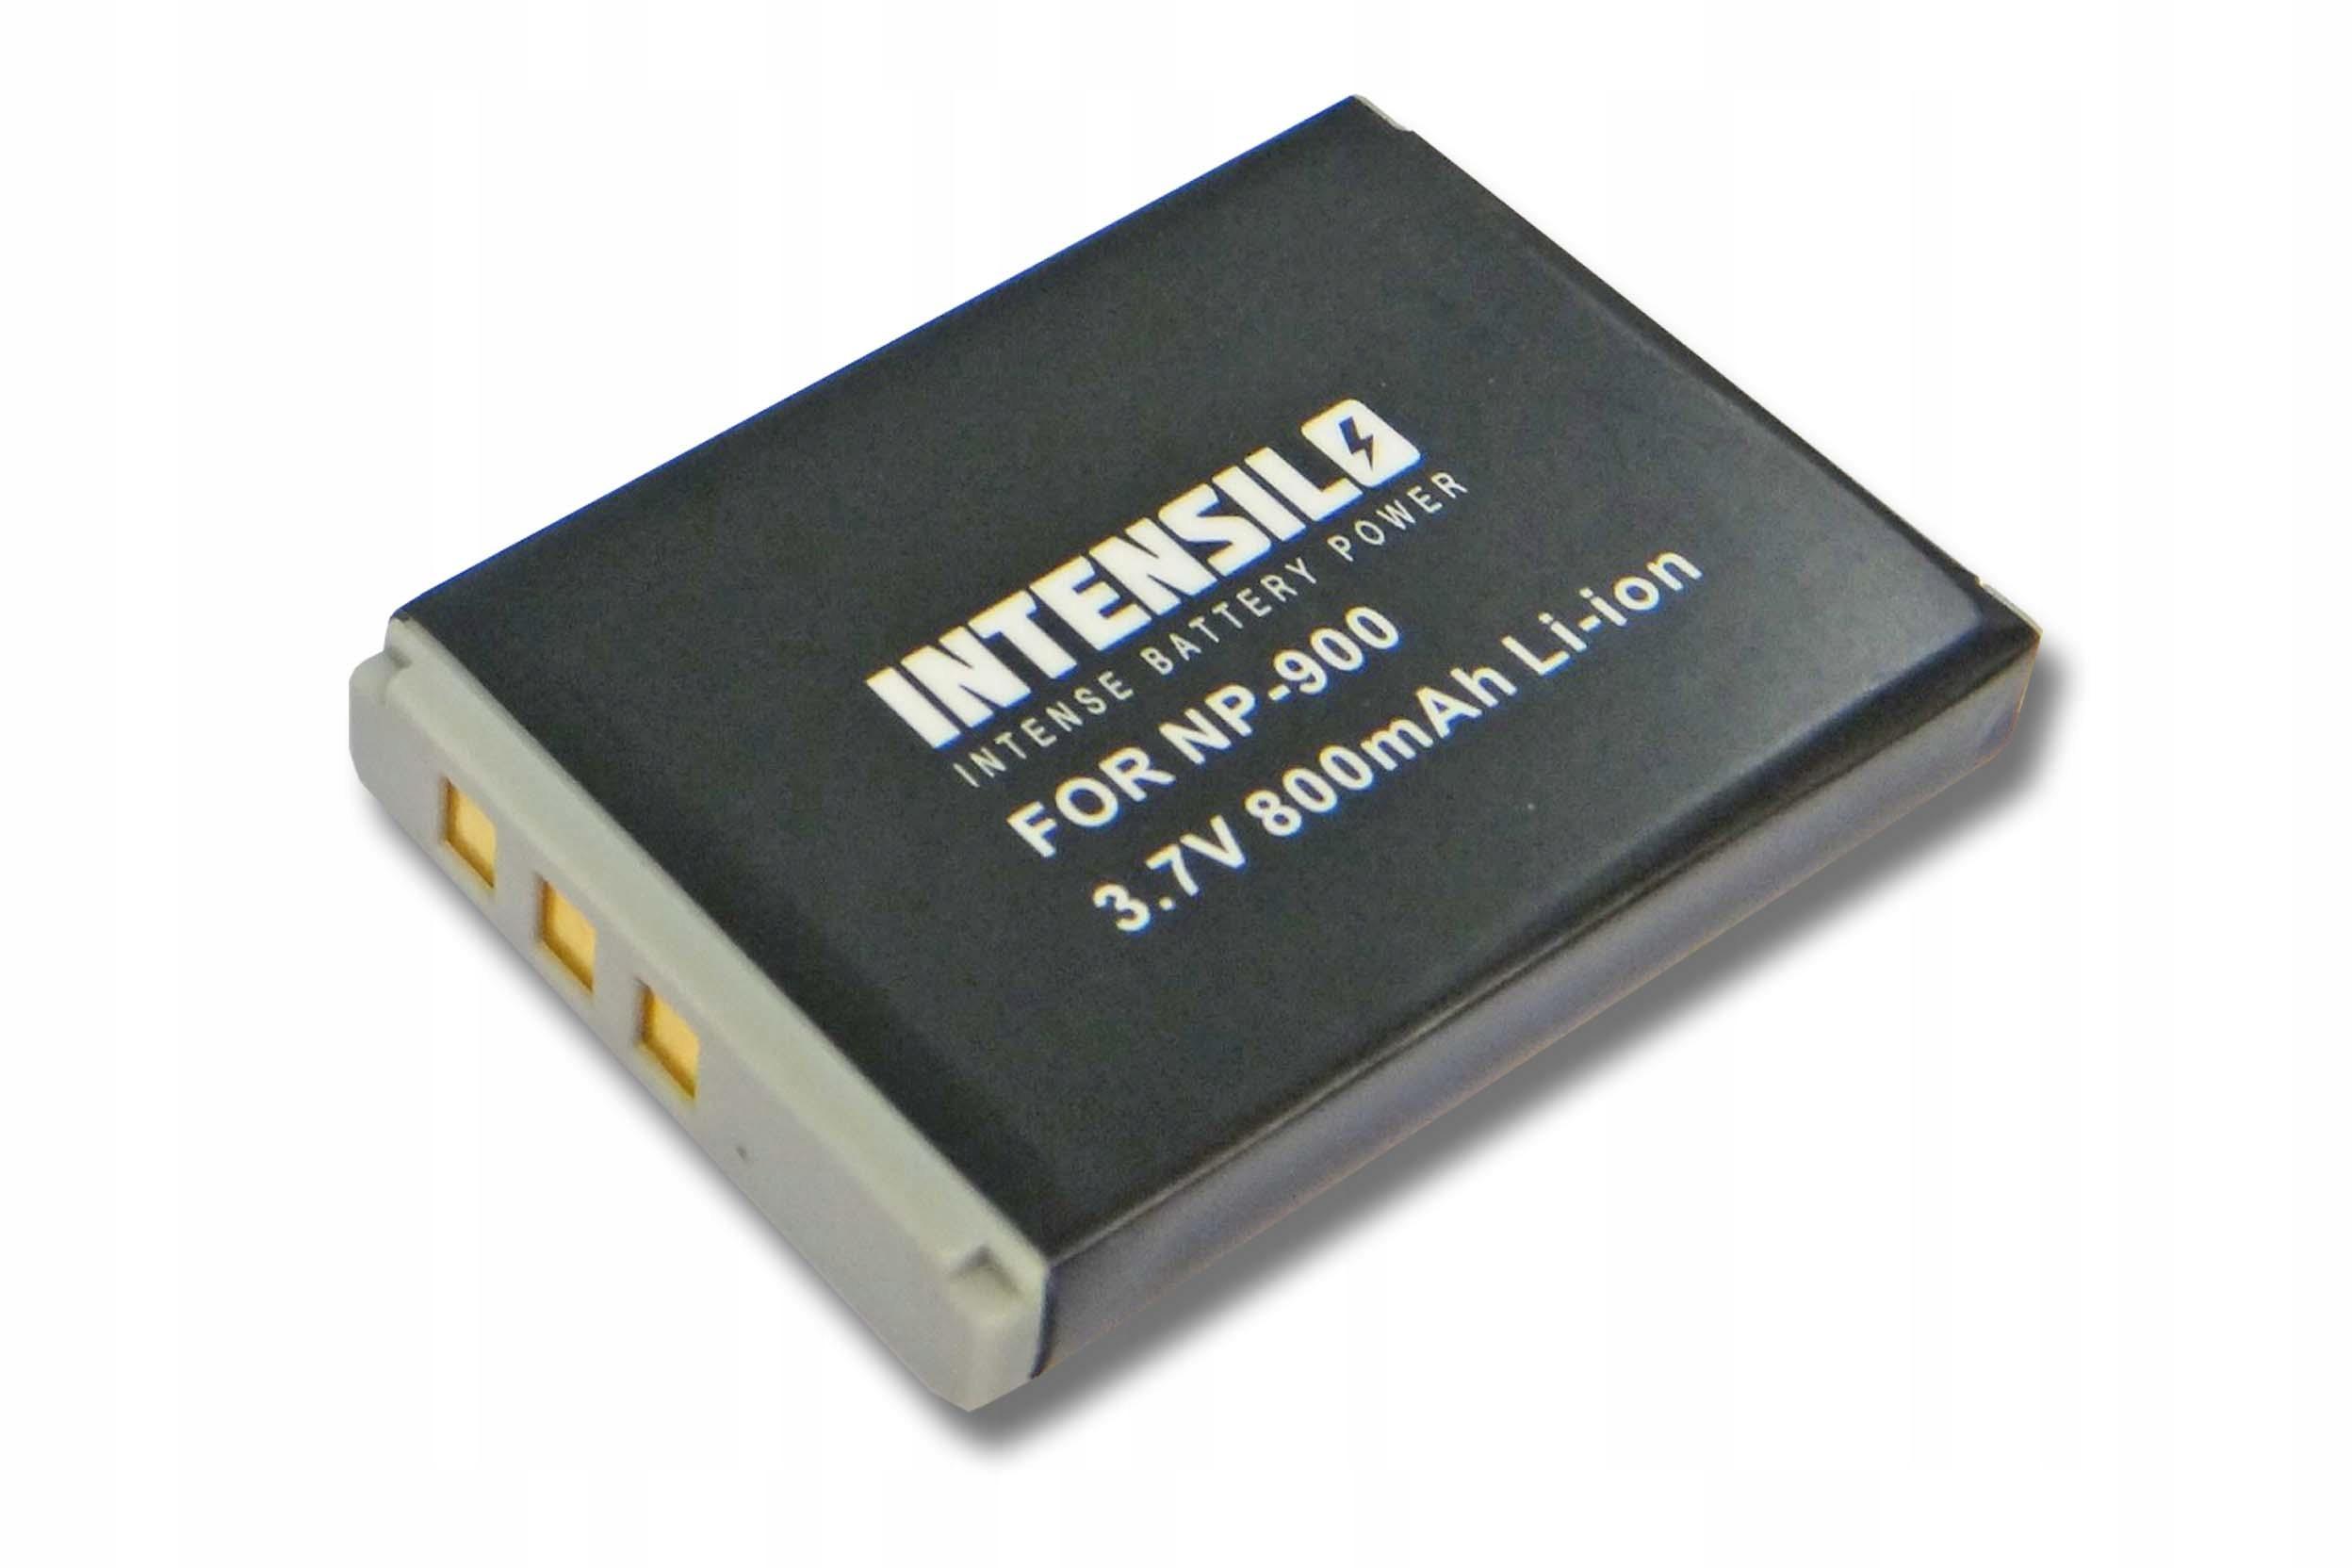 2x Power batería para Rollei prego dp6200 dp5200 dp4200